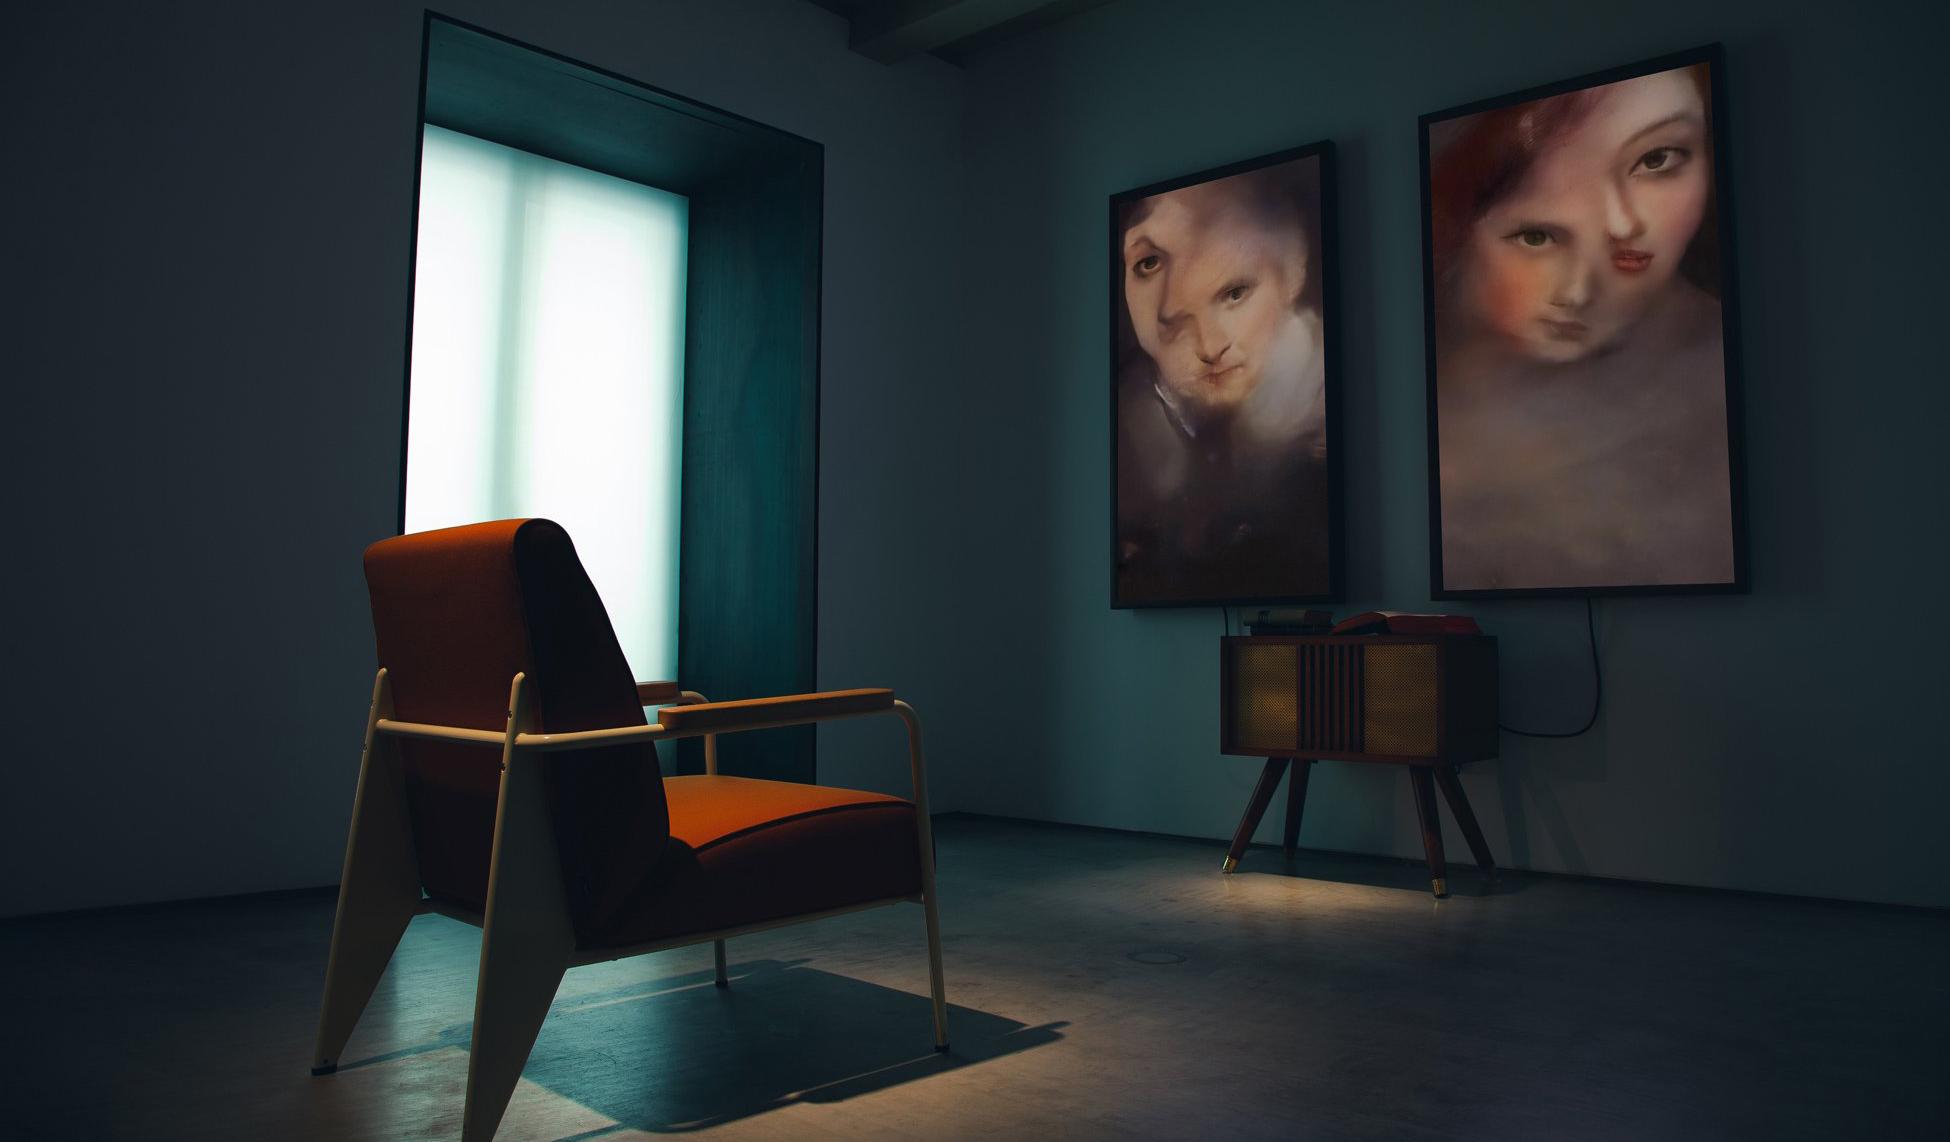 Произведения, созданные искусственным интеллектом, продаются на аукционе по цене Пикассо